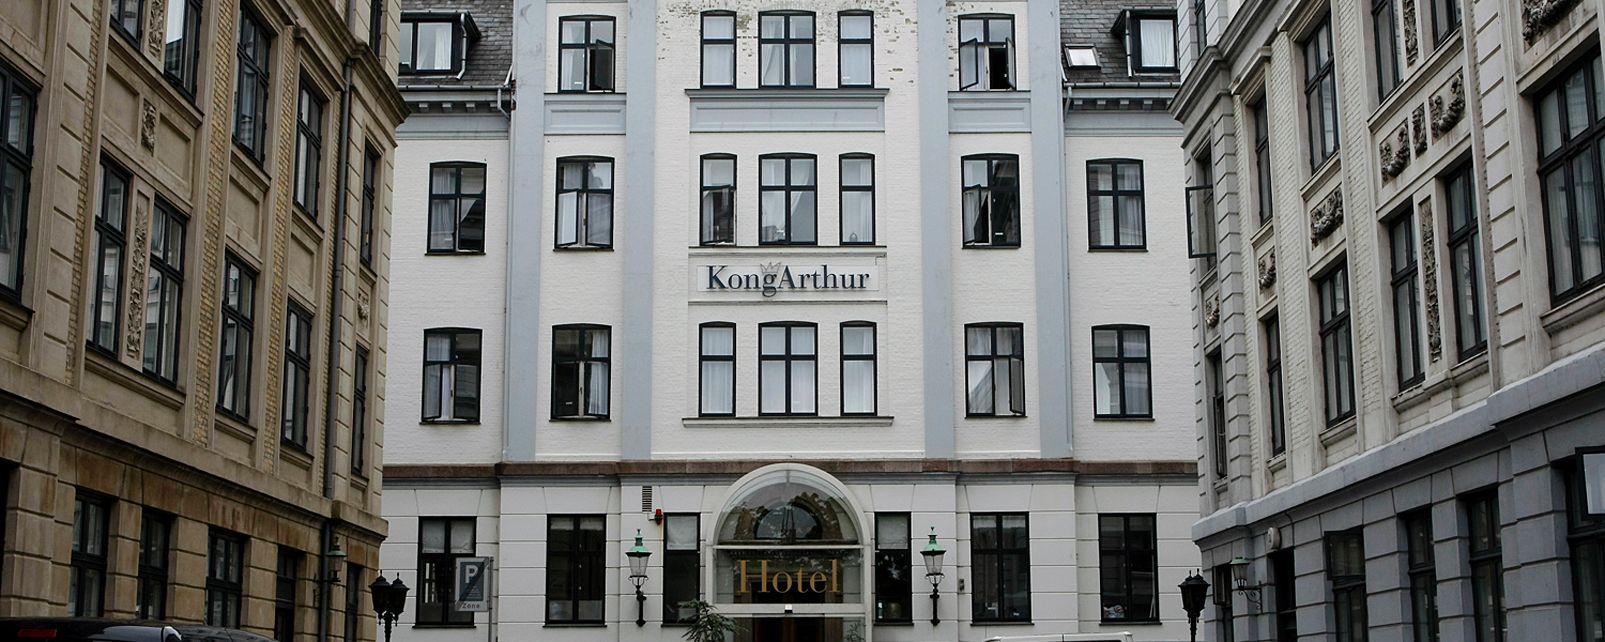 Hôtel Kong Arthur